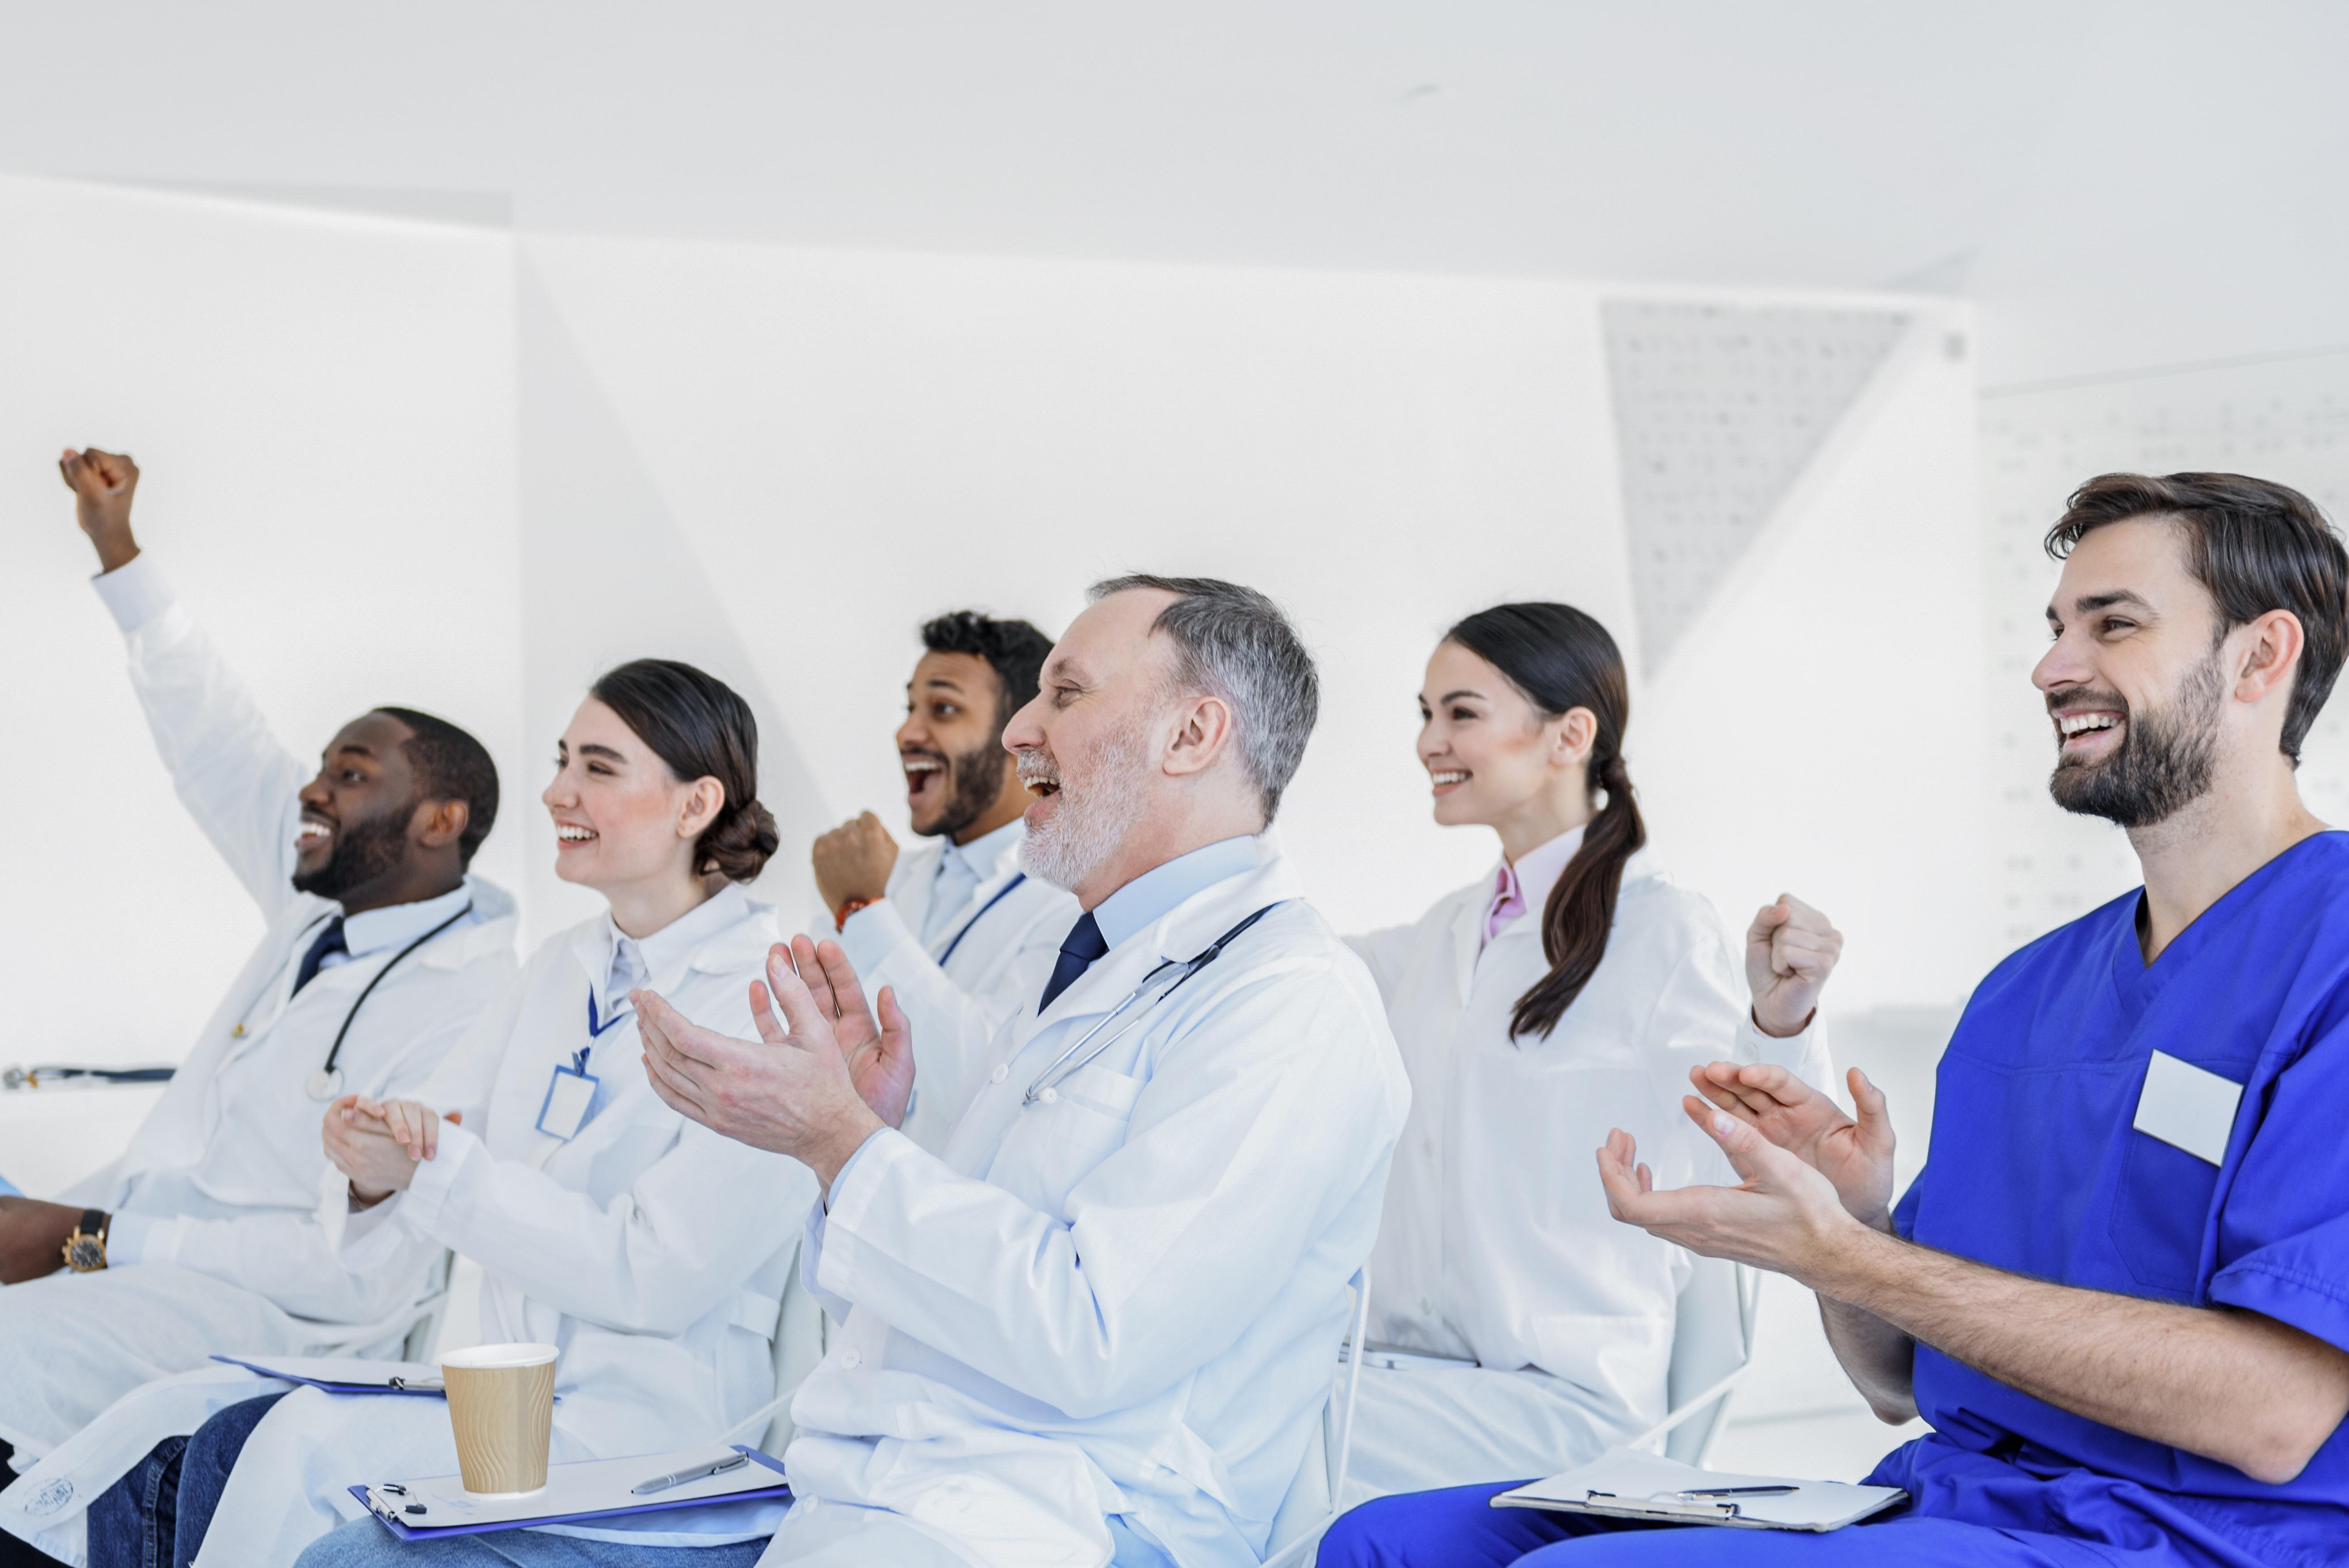 Crowd of cheering doctors.